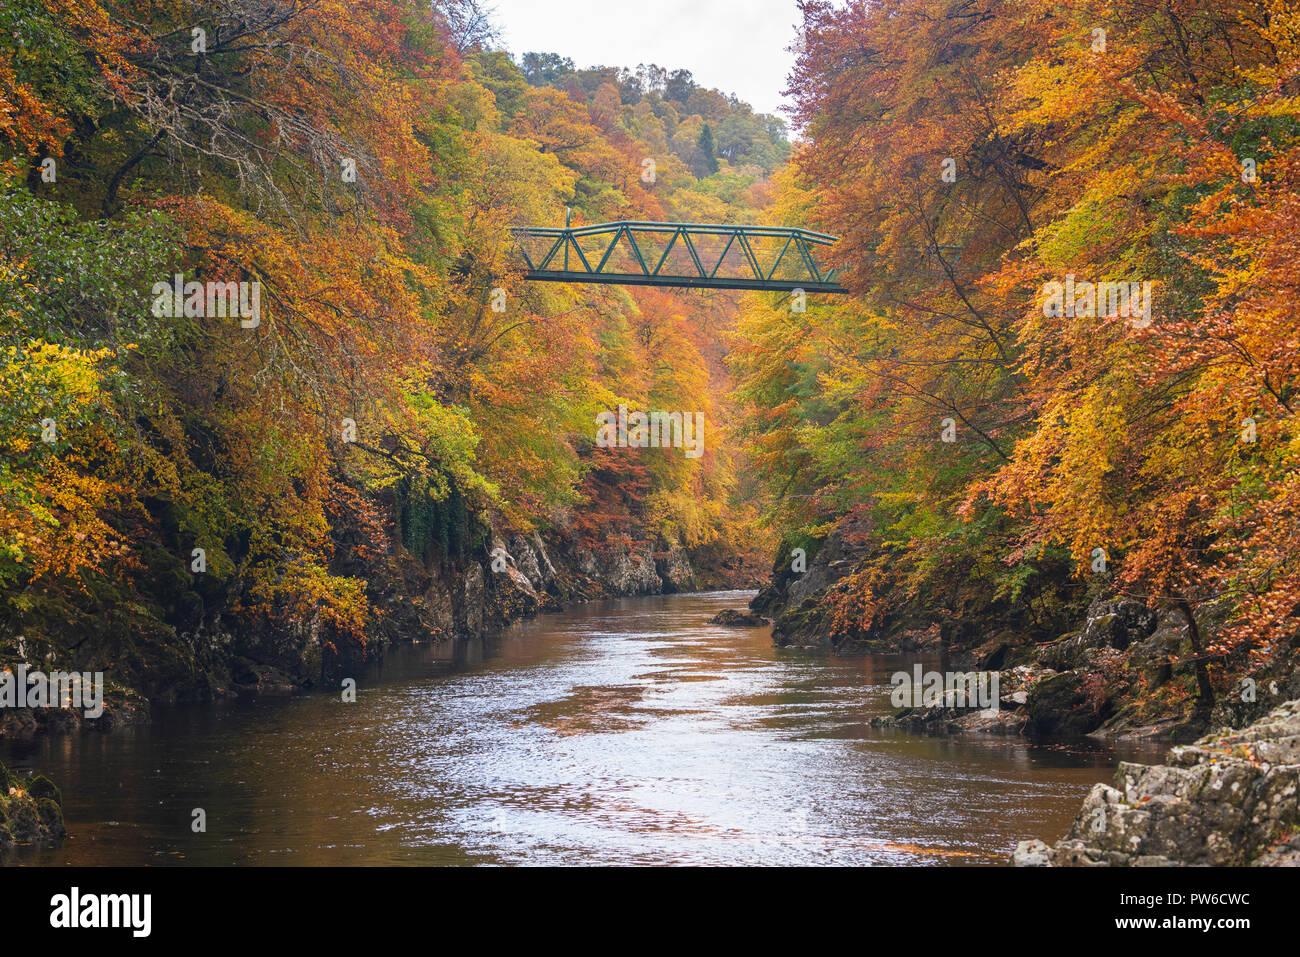 Couleurs d'automne spectaculaire entourent une petite passerelle traversant la rivière Garry à Killiecrankie, le célèbre le Perthshire beauty spot. Banque D'Images